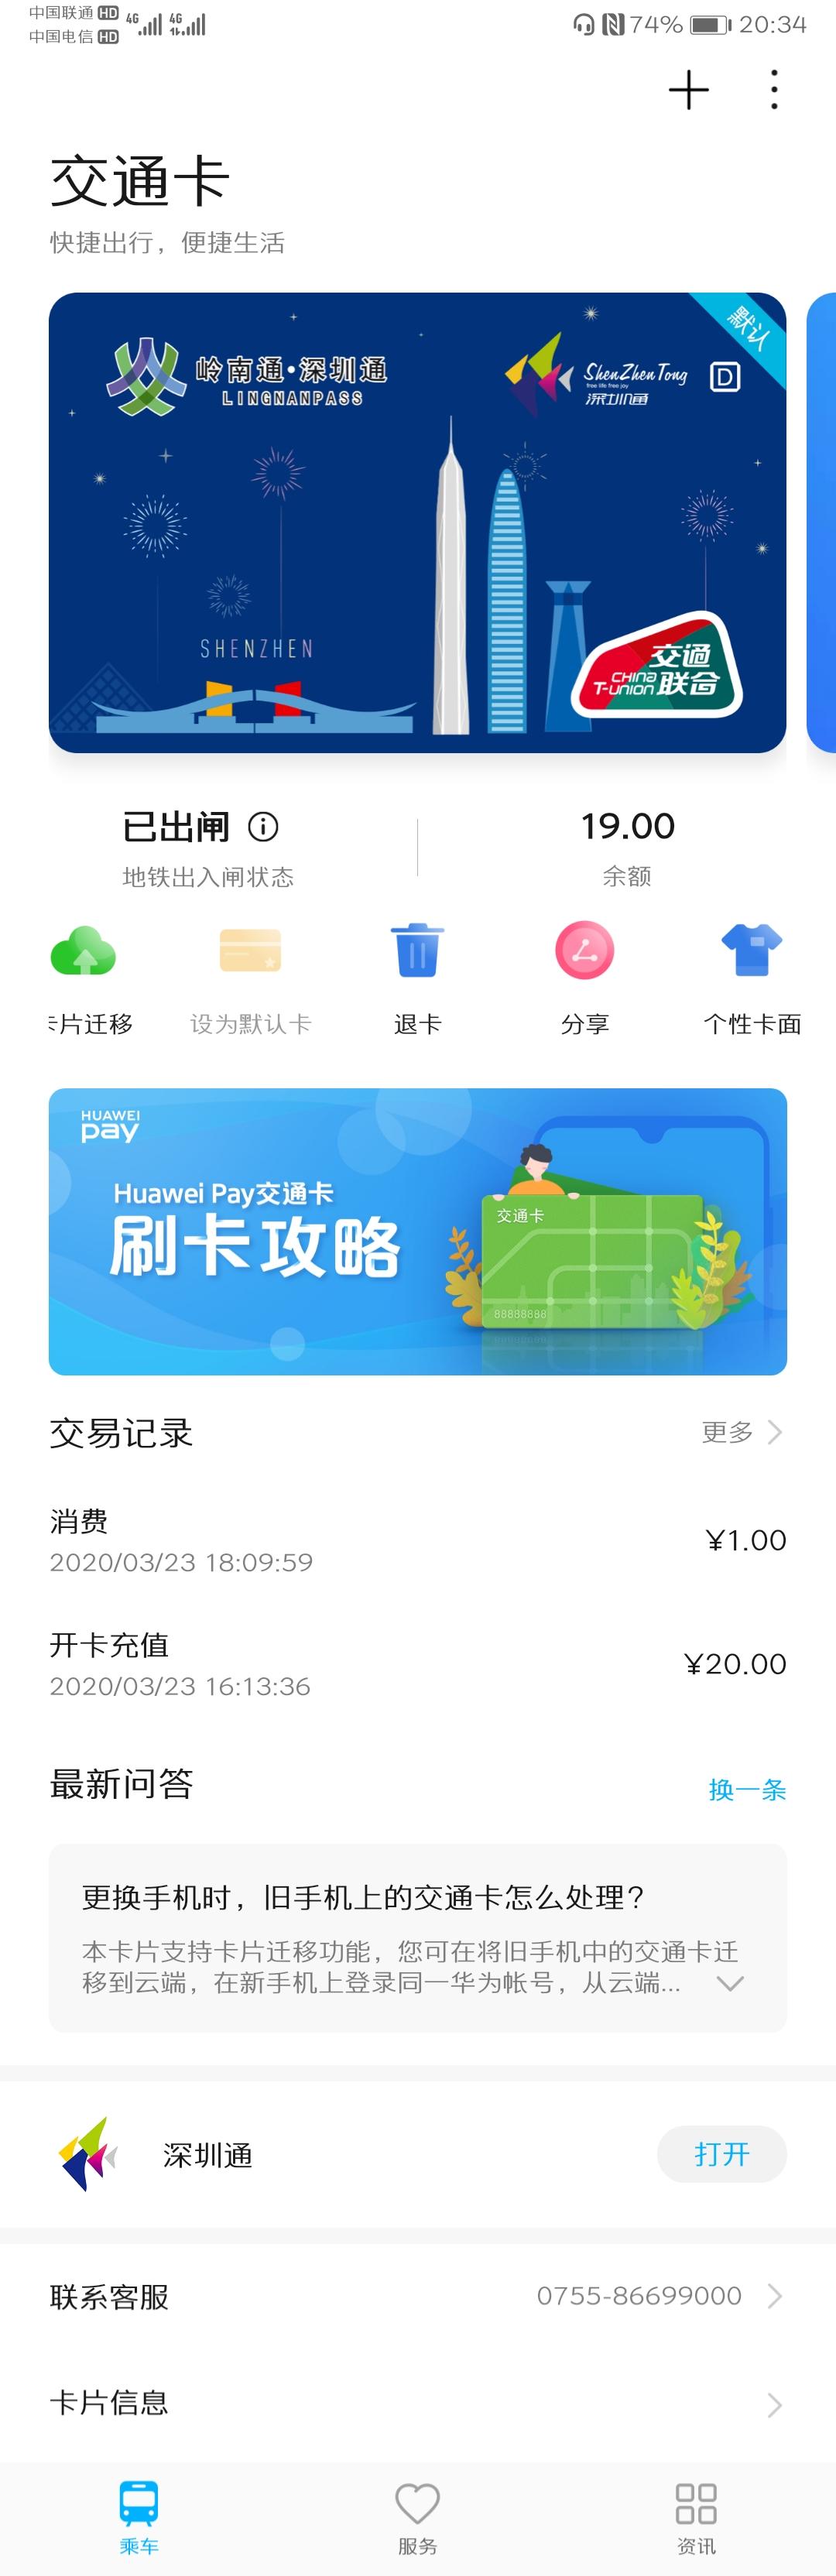 Screenshot_20200323_203444_com.huawei.wallet.jpg